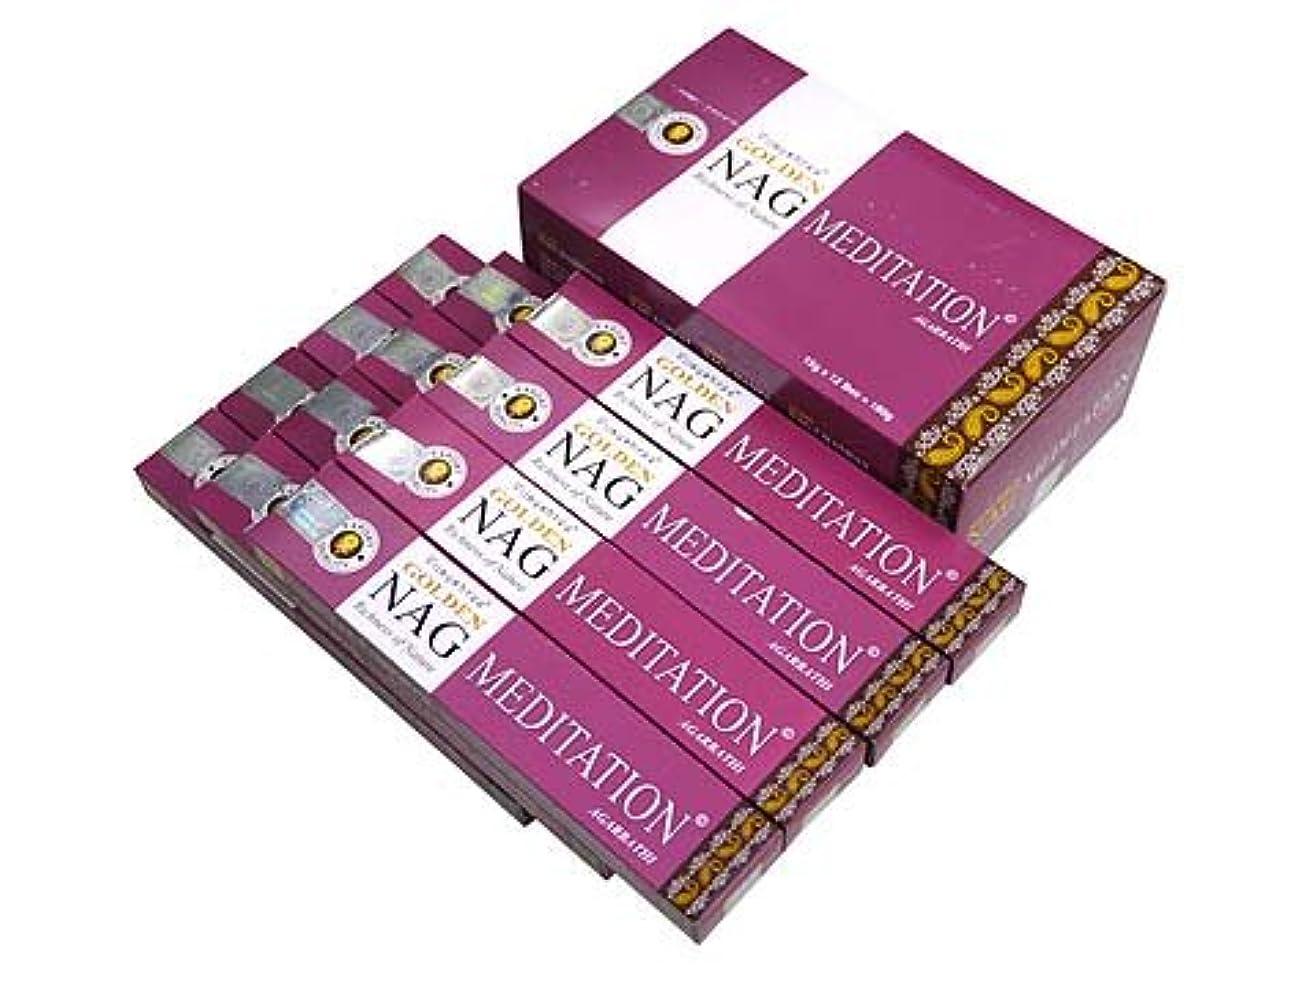 フィードオン水素粘着性VIJAYSHRE(ヴィジェイシリー ゴールデン) NAG MEDITATION ゴールデン ナグメディテーション香 スティック 12箱セット